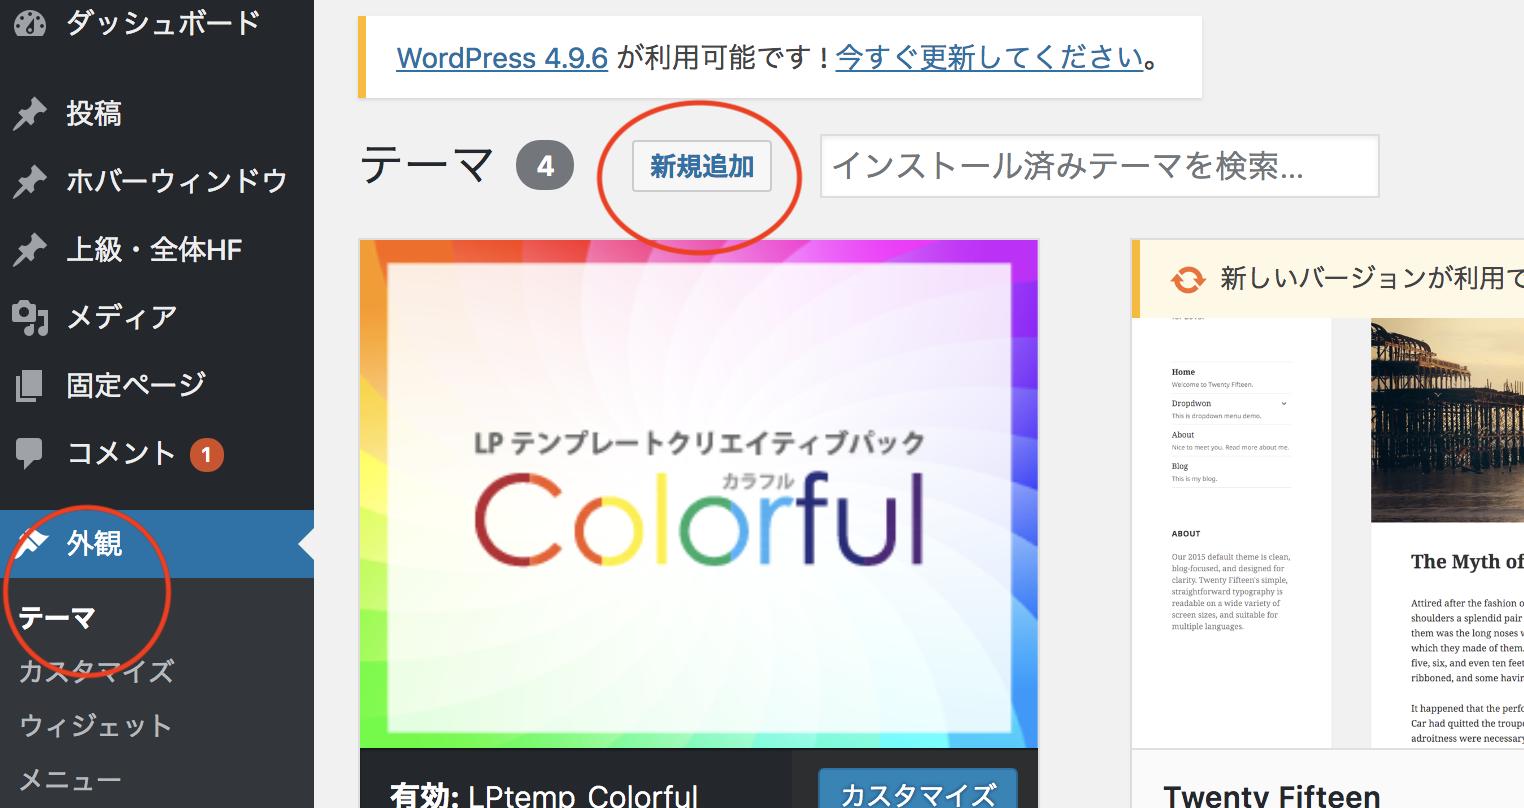 カラフル colorful テーマ lp